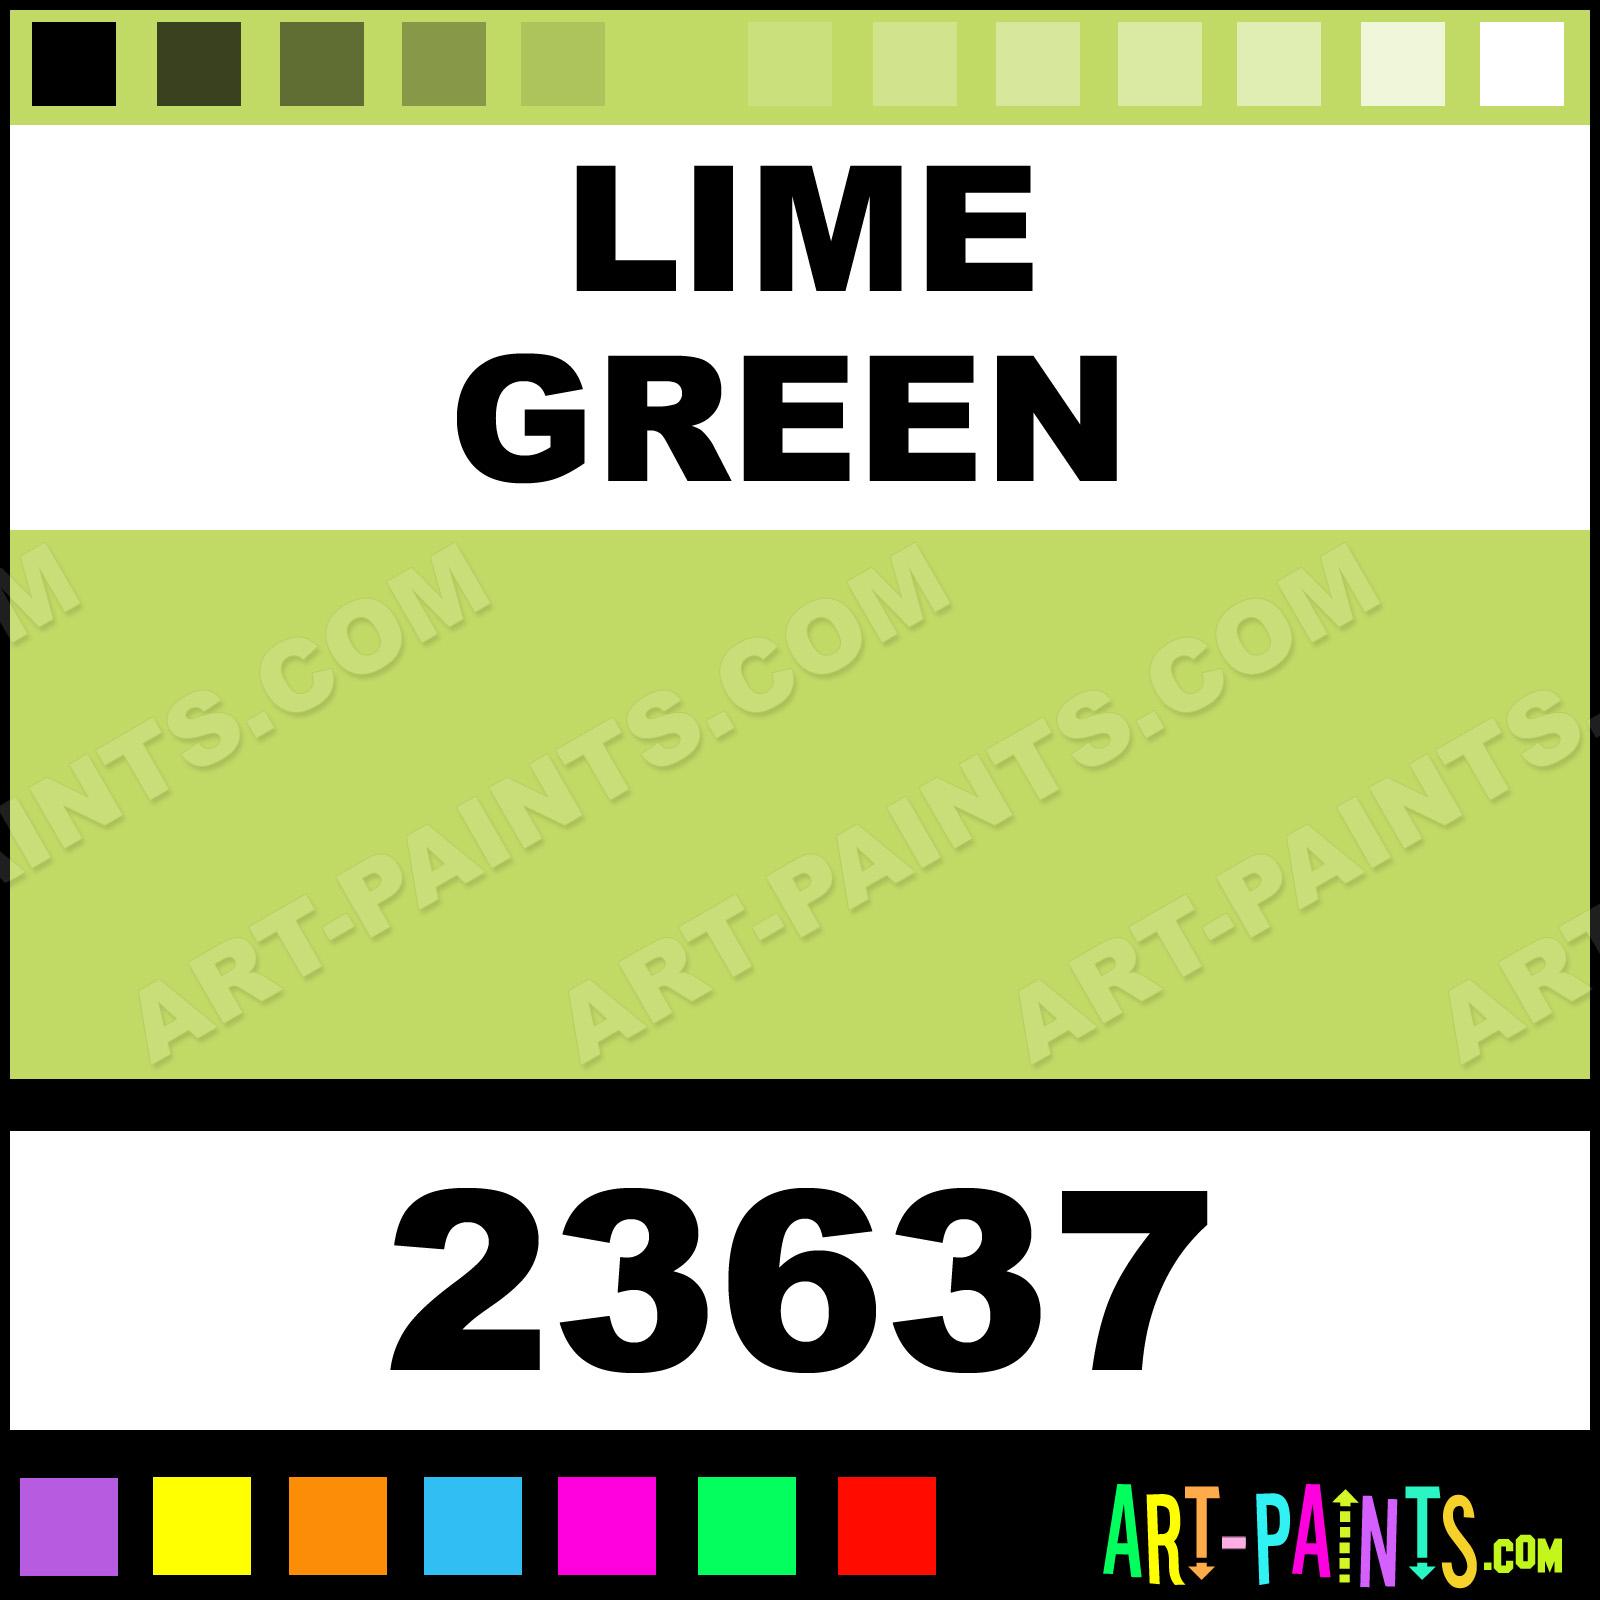 Lime Green Craft Smart Acrylic Paints 23637 Paint Color Michaels C1da65 Art